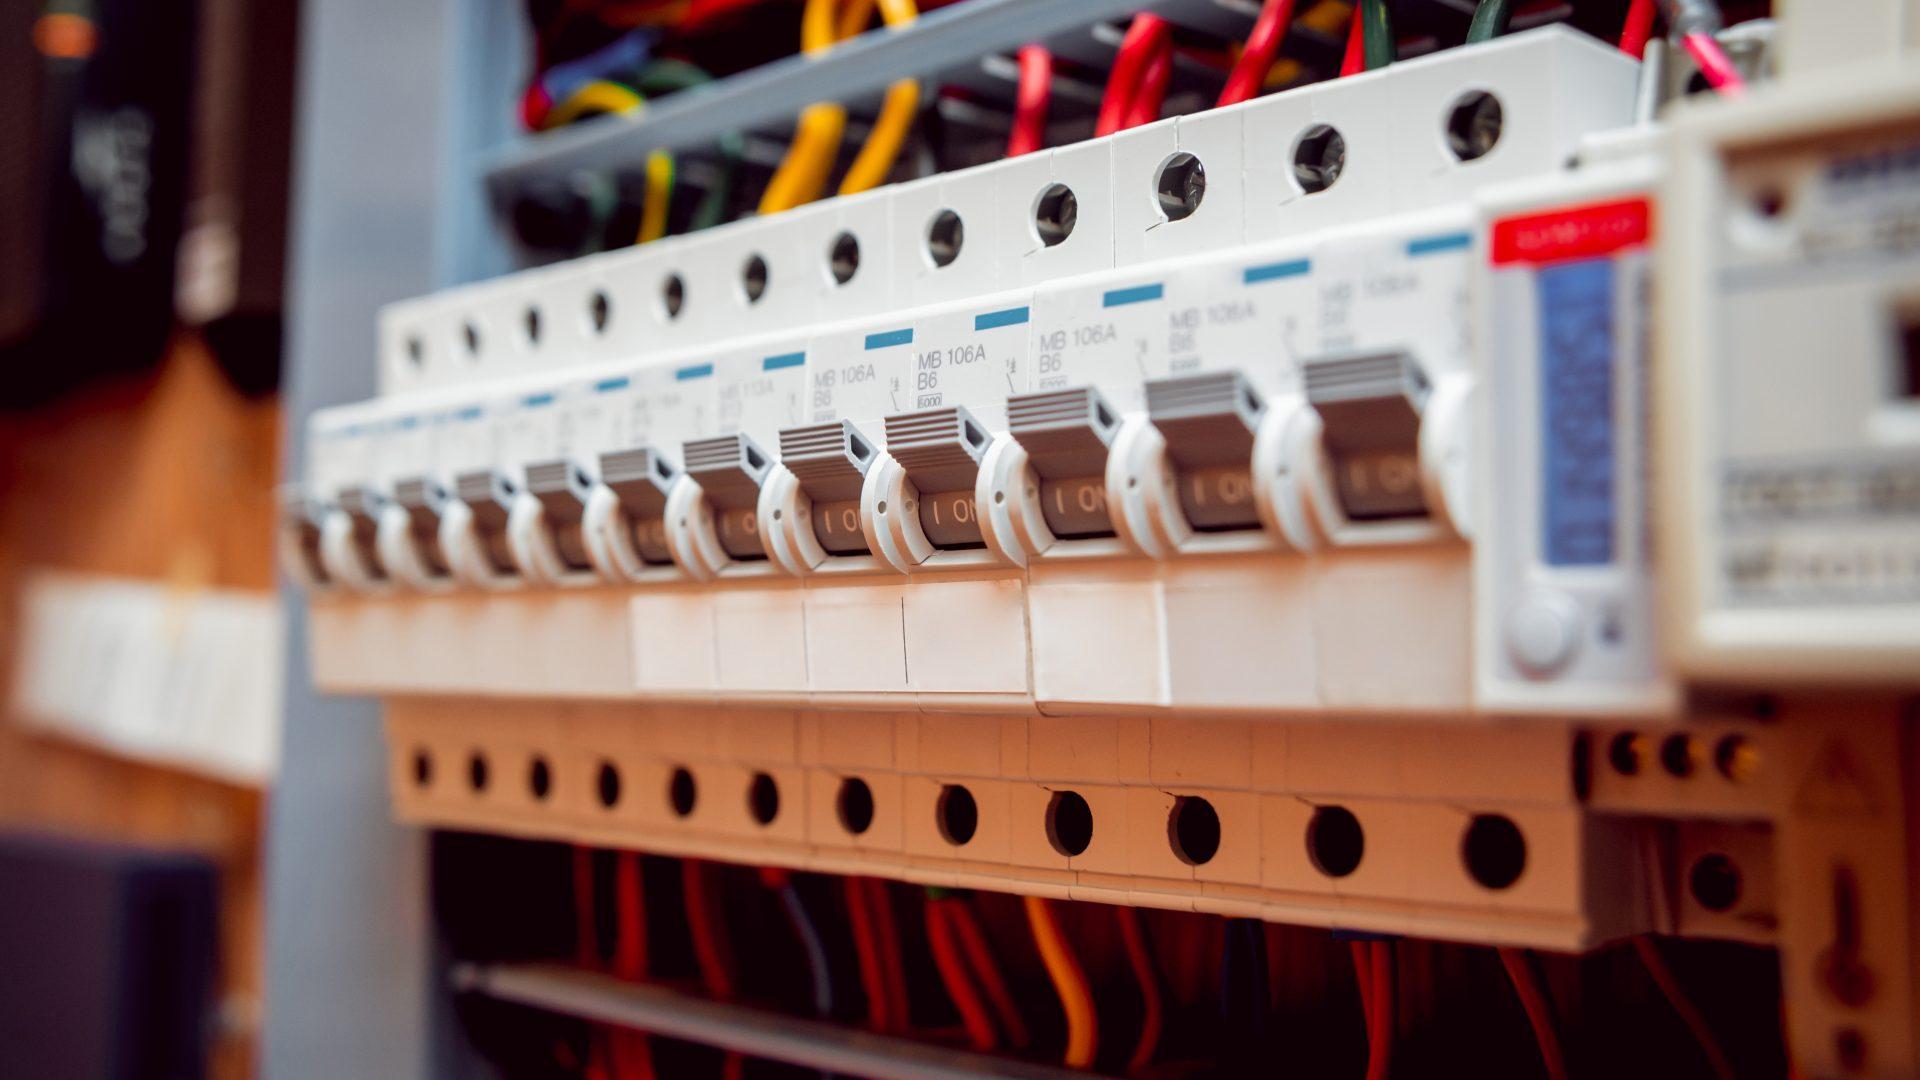 Как правильно устанавливать электрощиты на этаже?